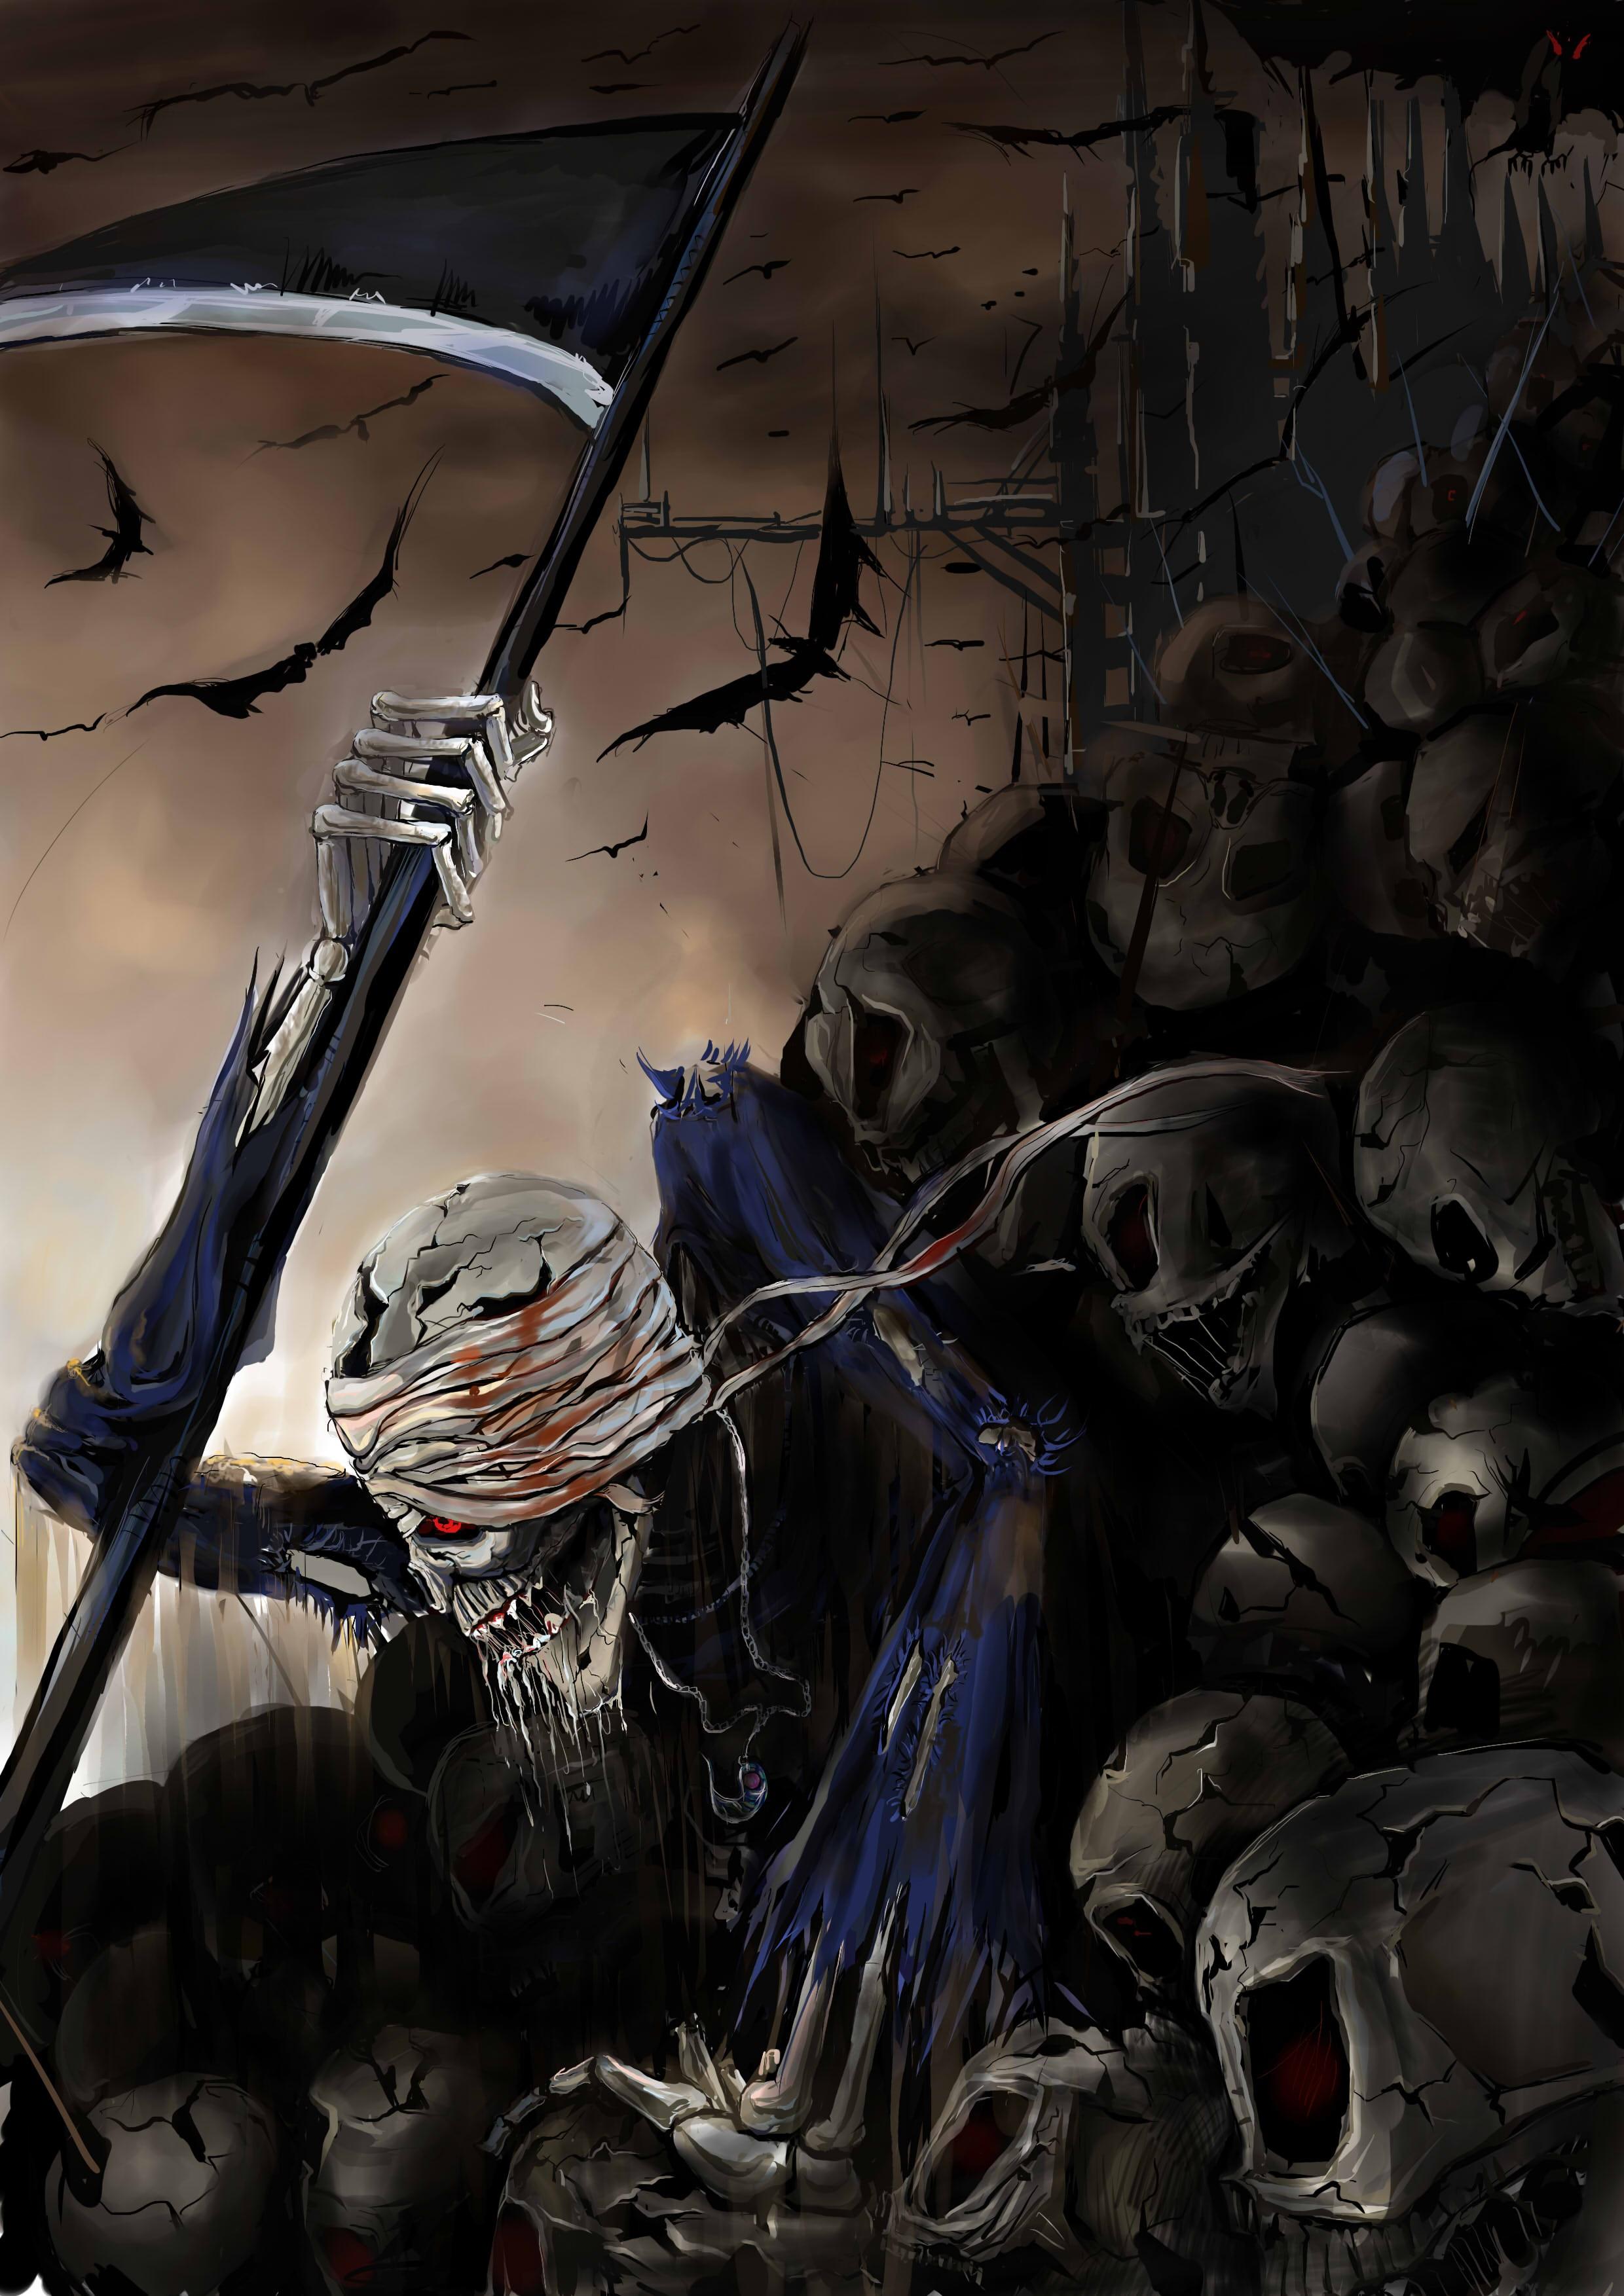 骷髅镰刀死神素材